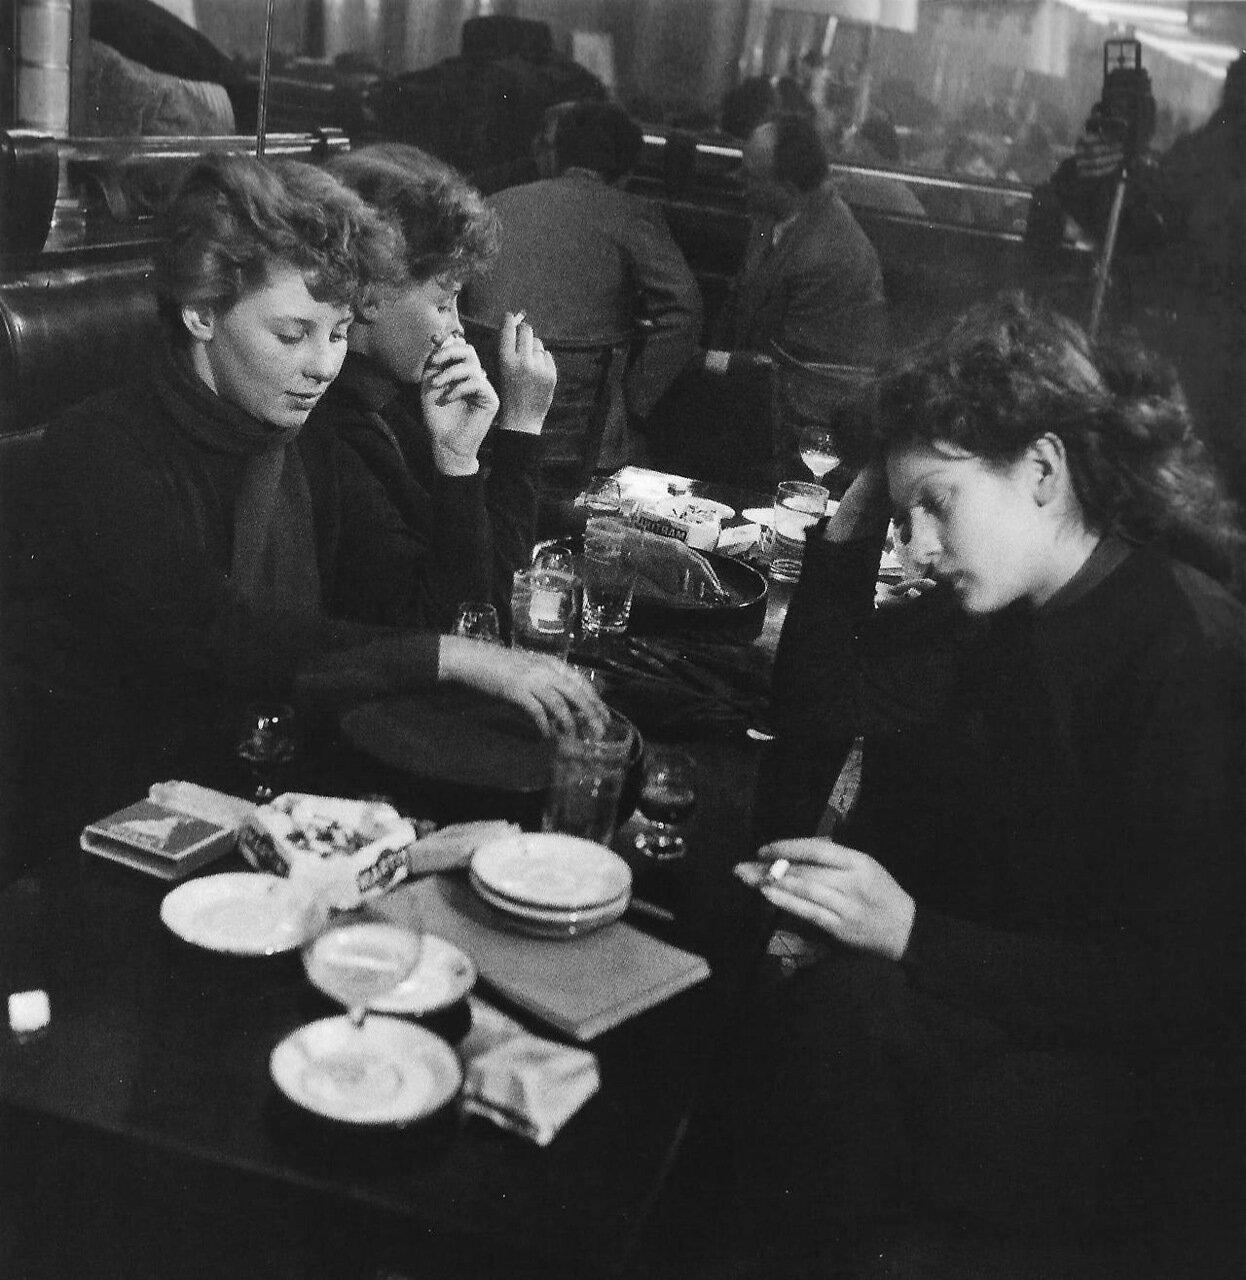 1950. Сен-Жермен де Пари